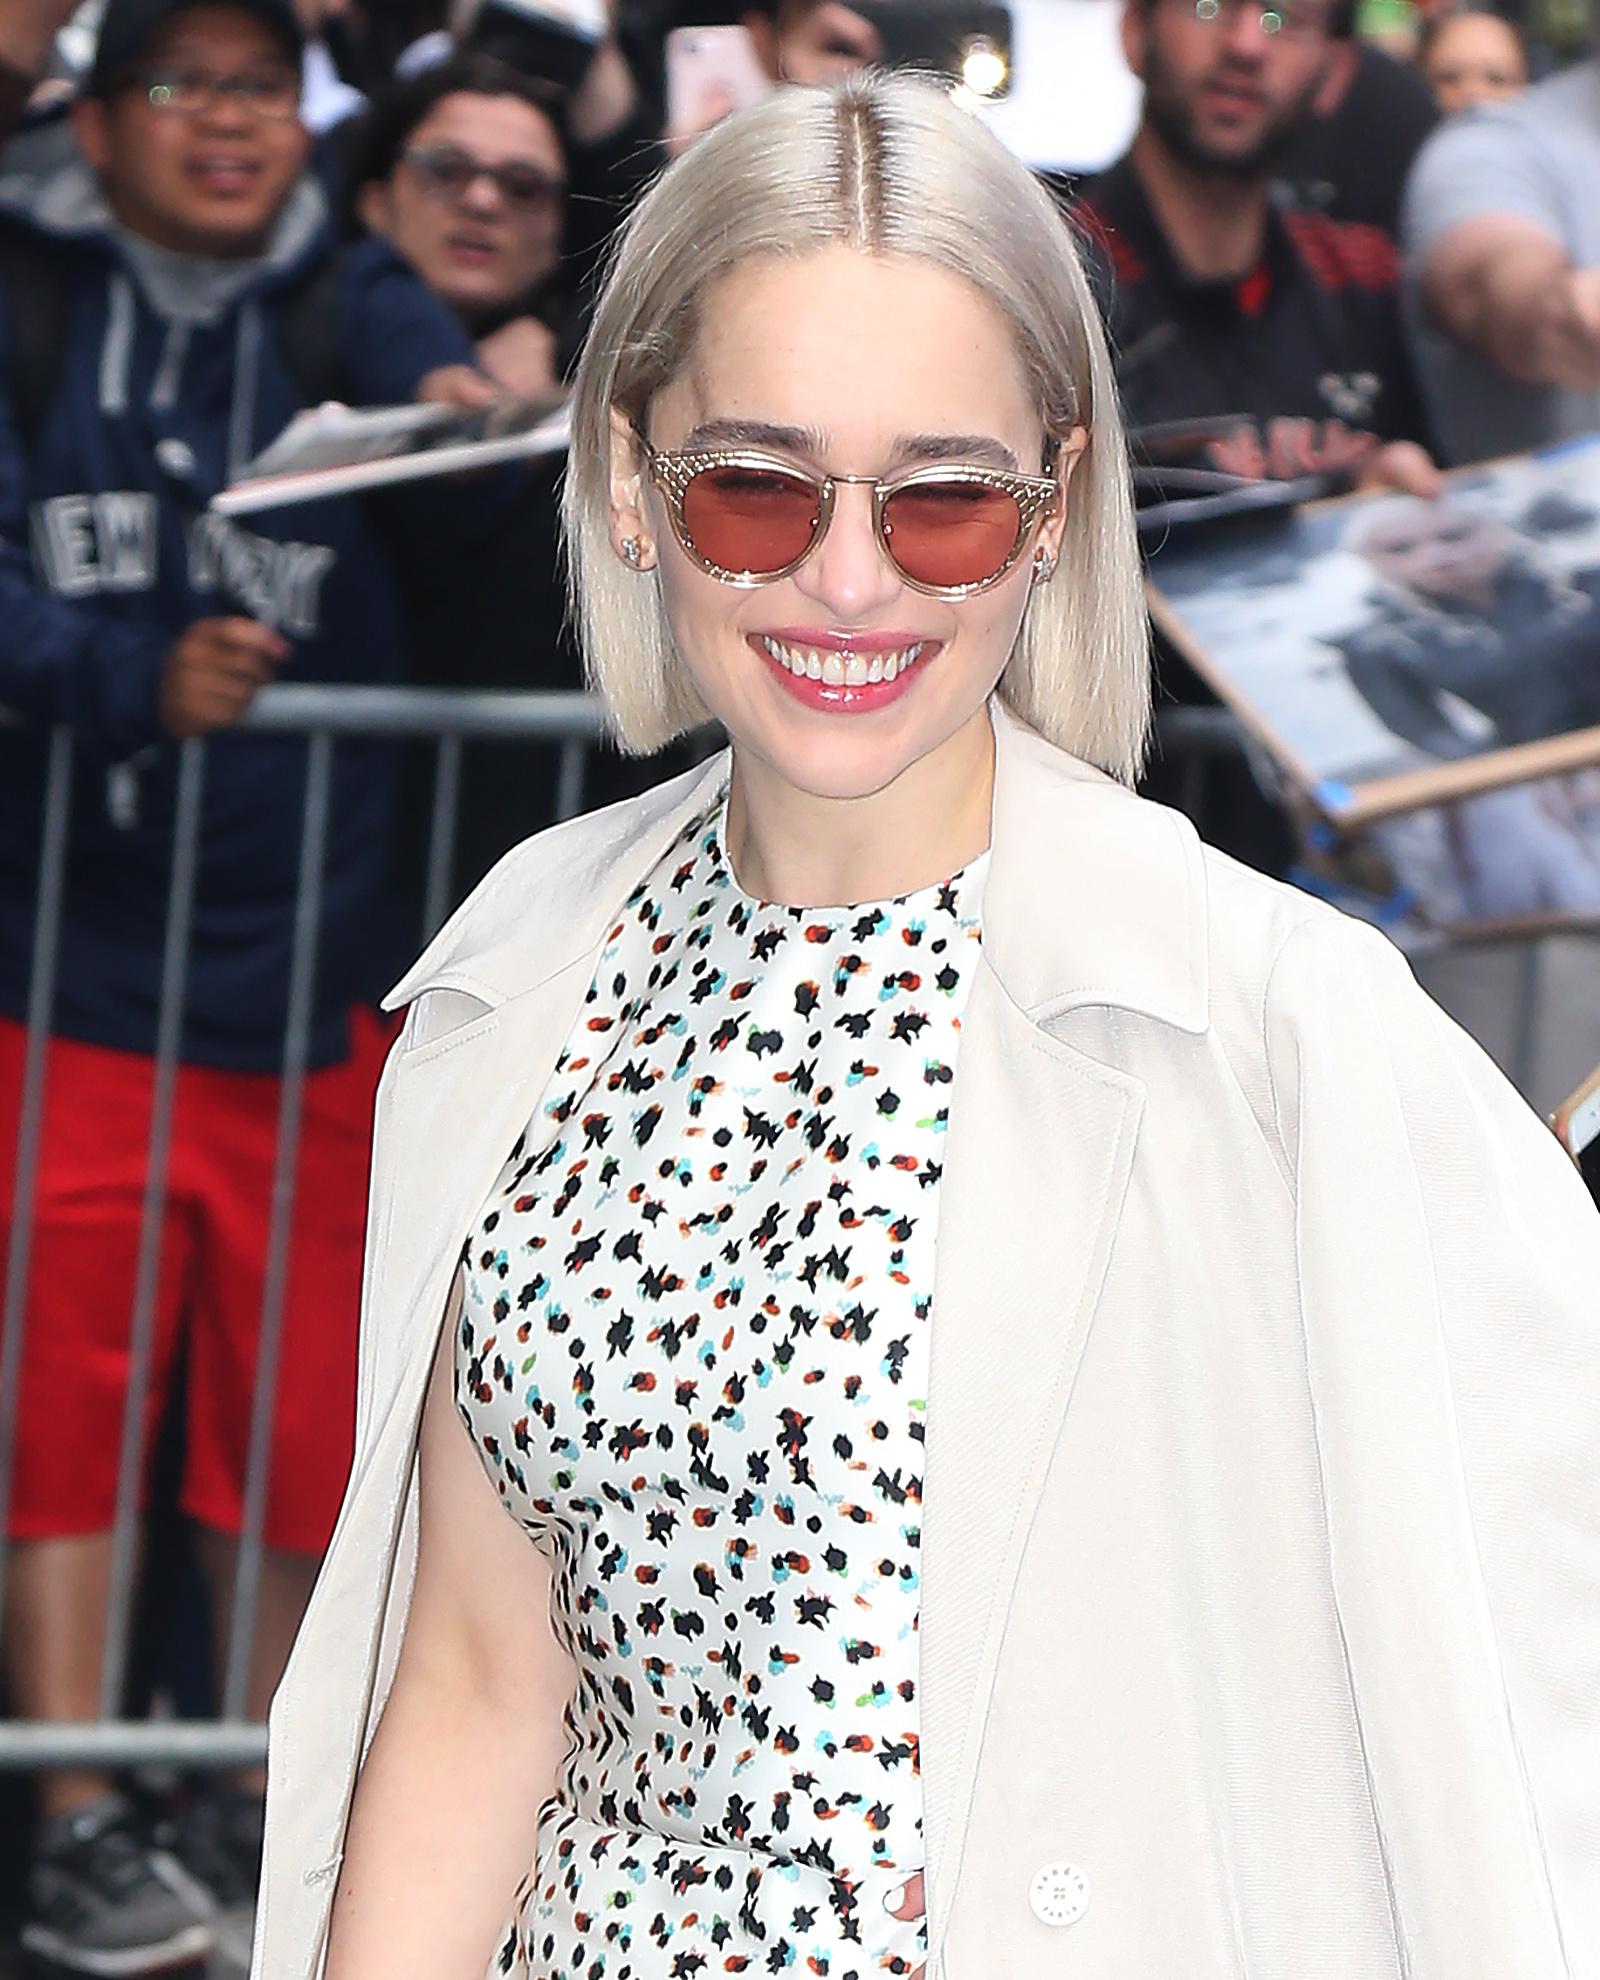 Η Emilia Clarke έκοψε τα μαλλιά της και το Game of Thrones ευθύνεται γι'αυτό!